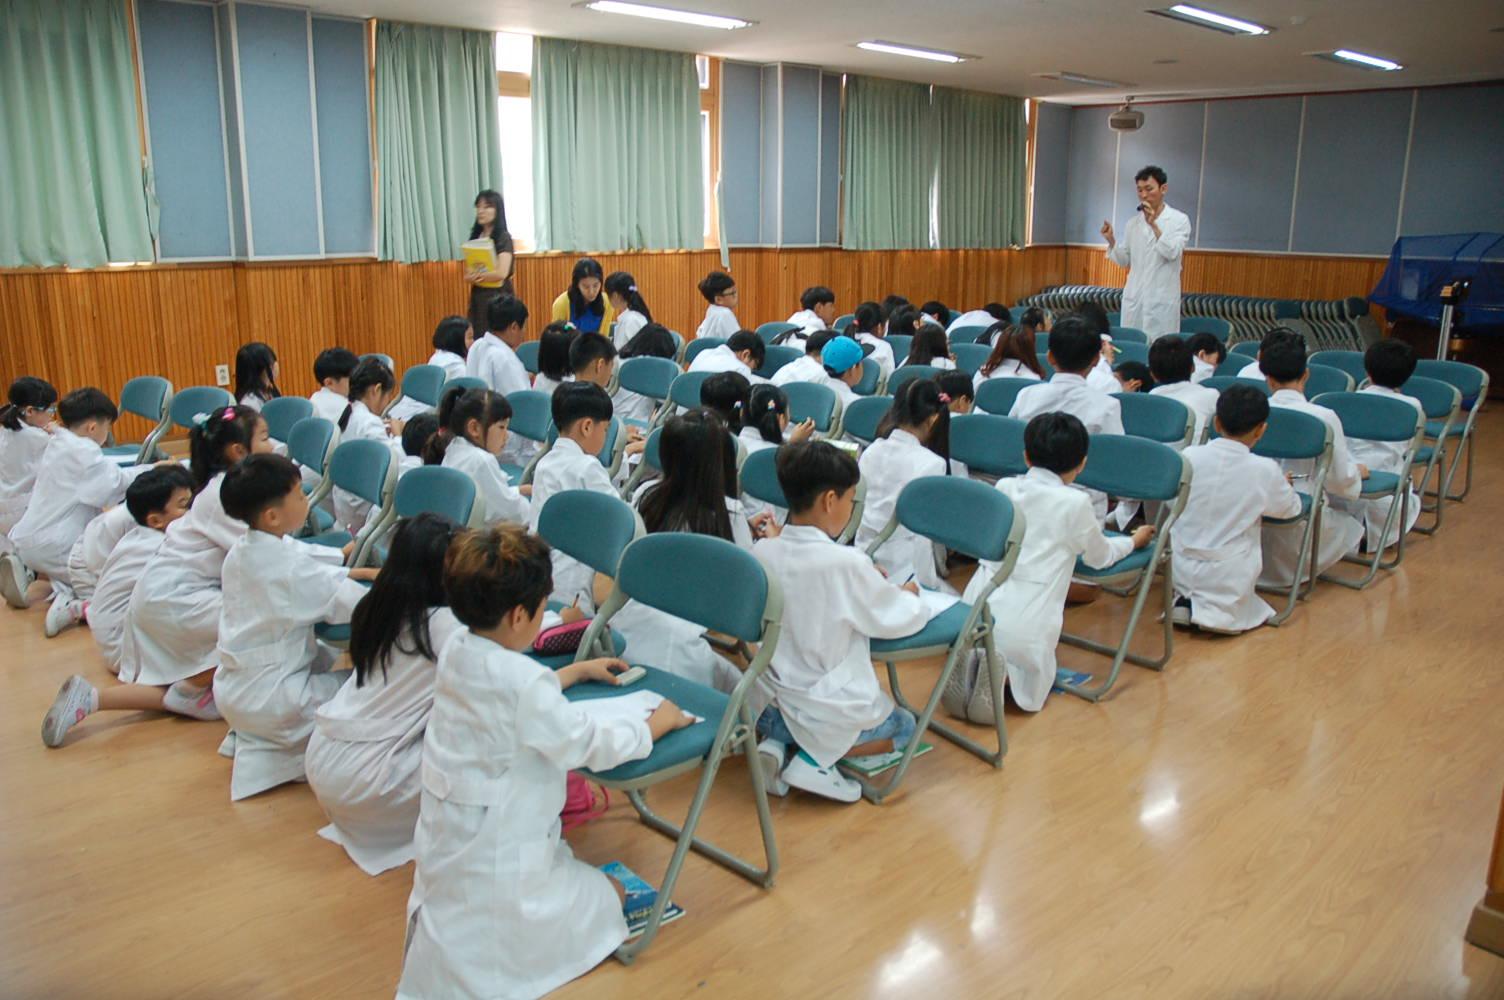 [일반] 과학적 접근을 통한 보건 위생교육의 첨부이미지 3